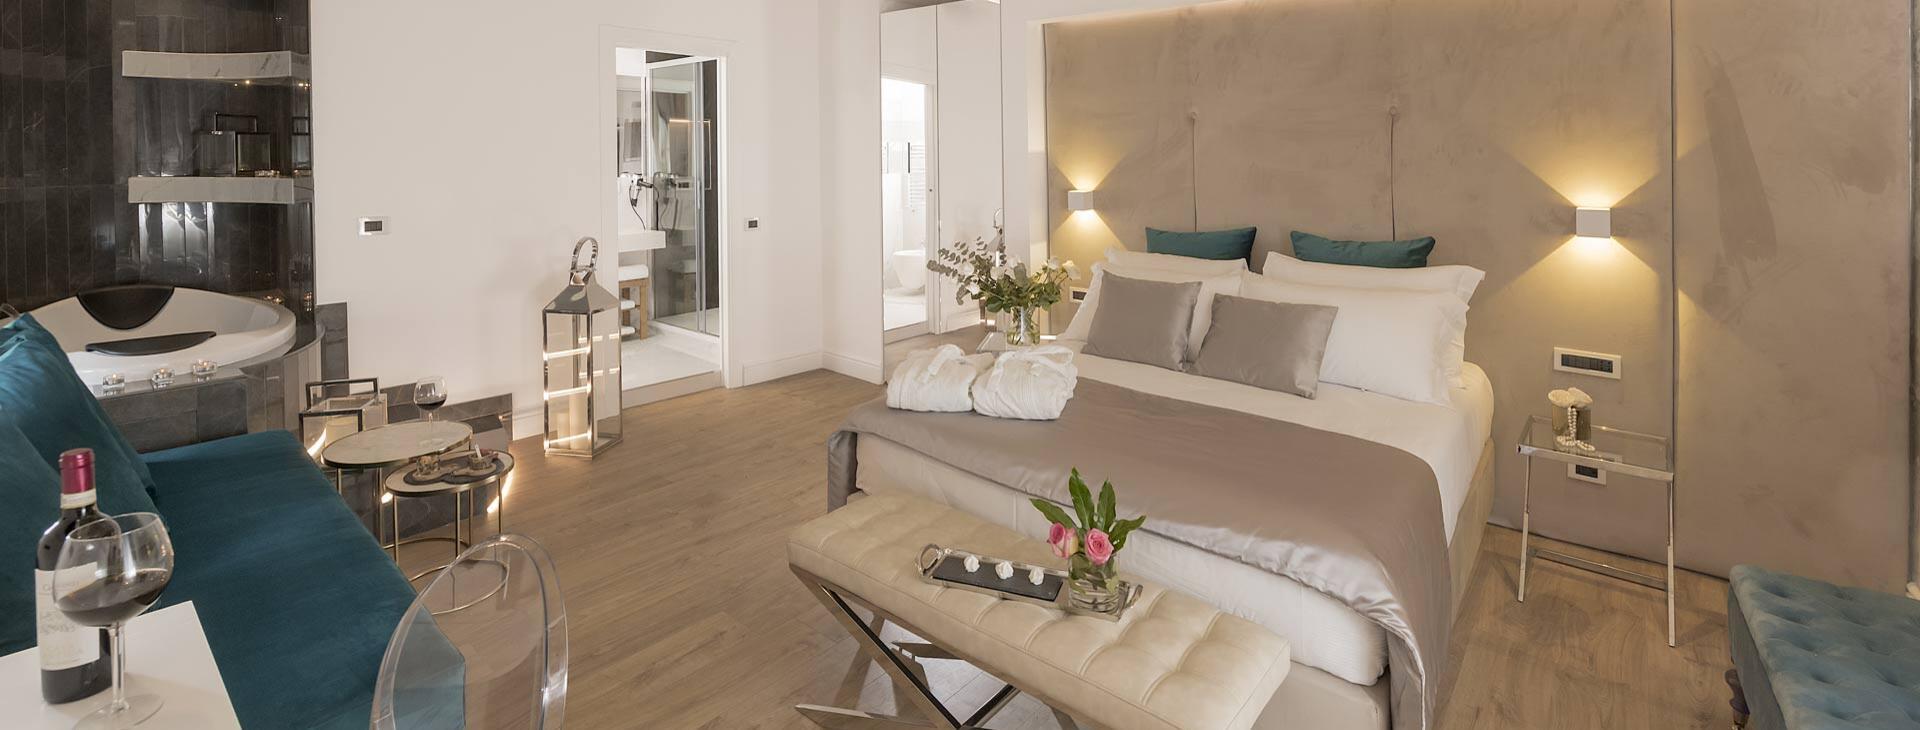 navonastyle it navona-guest-house-suite 001